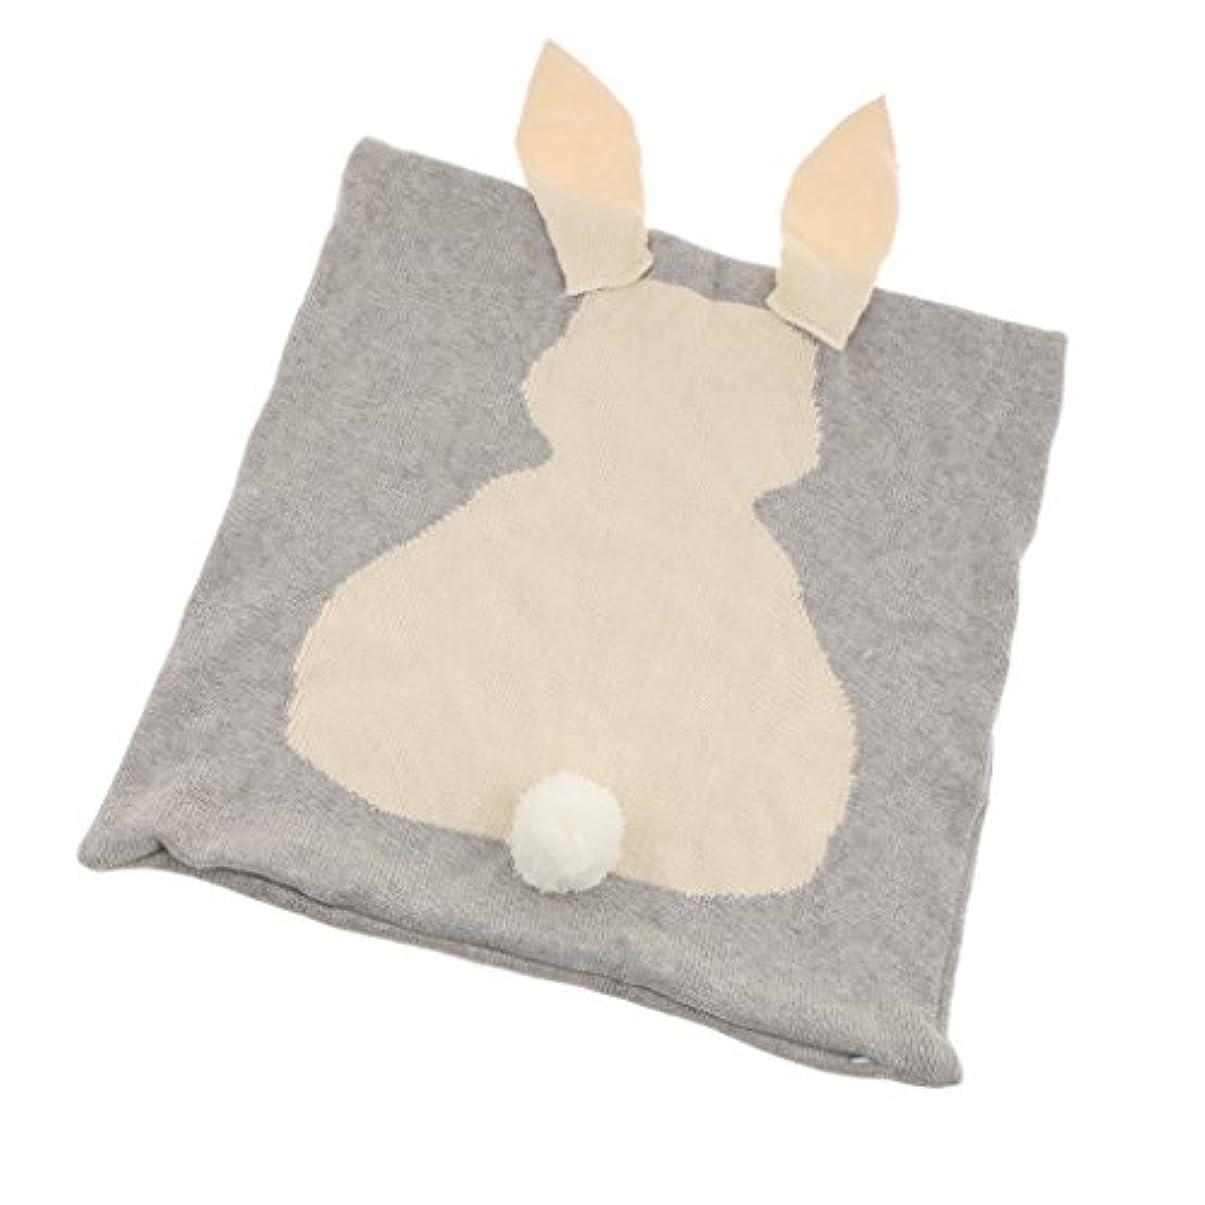 不利益者体系的にF Fityle コットンニットかわいいウサギ枕カバートロー枕ケース車のソファクッションカバー家の装飾(45 Cm X 45 Cm)